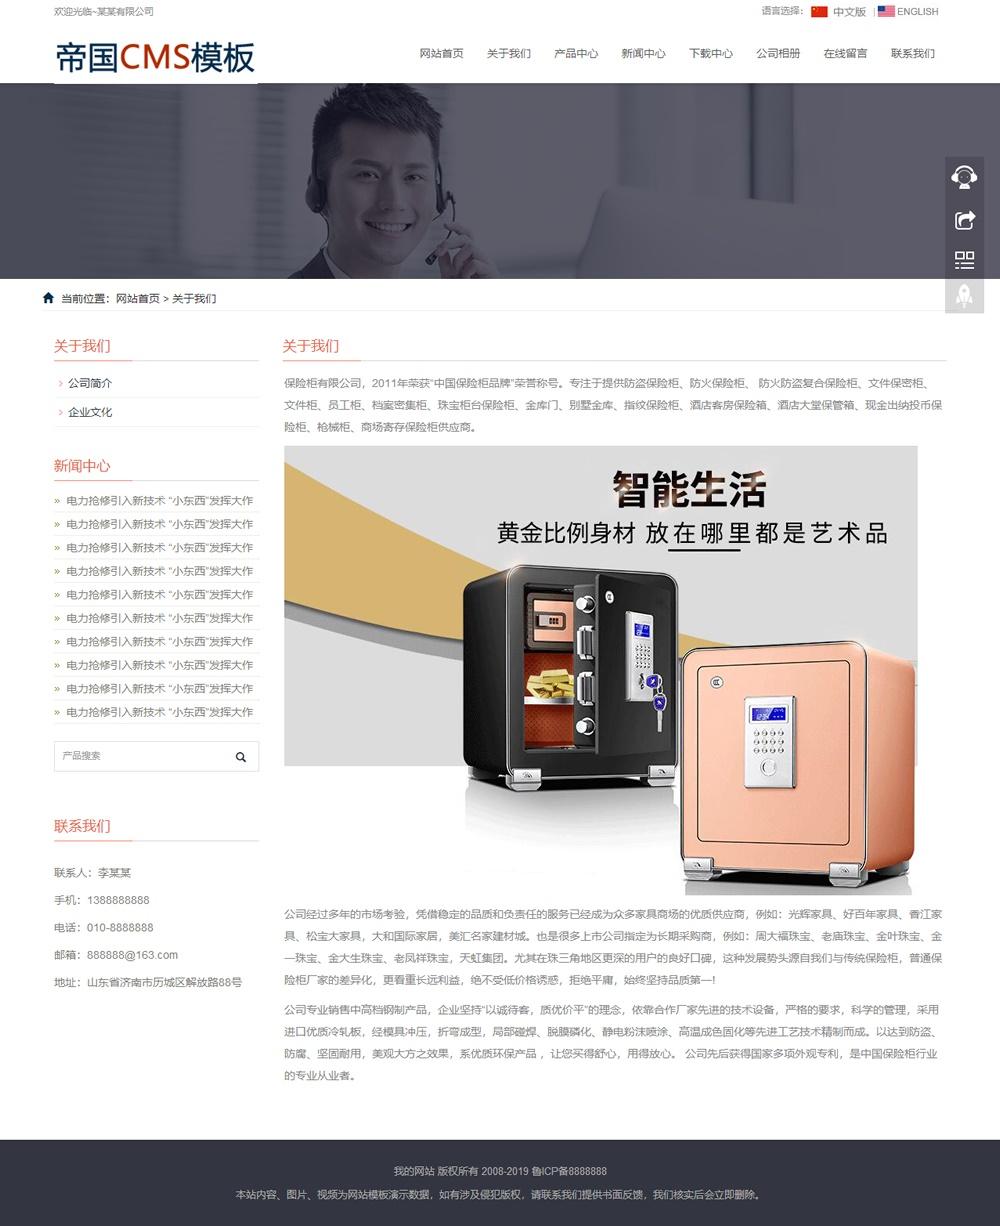 中英文双语自适应帝国cms企业网站模板外贸企业网站源码_单页